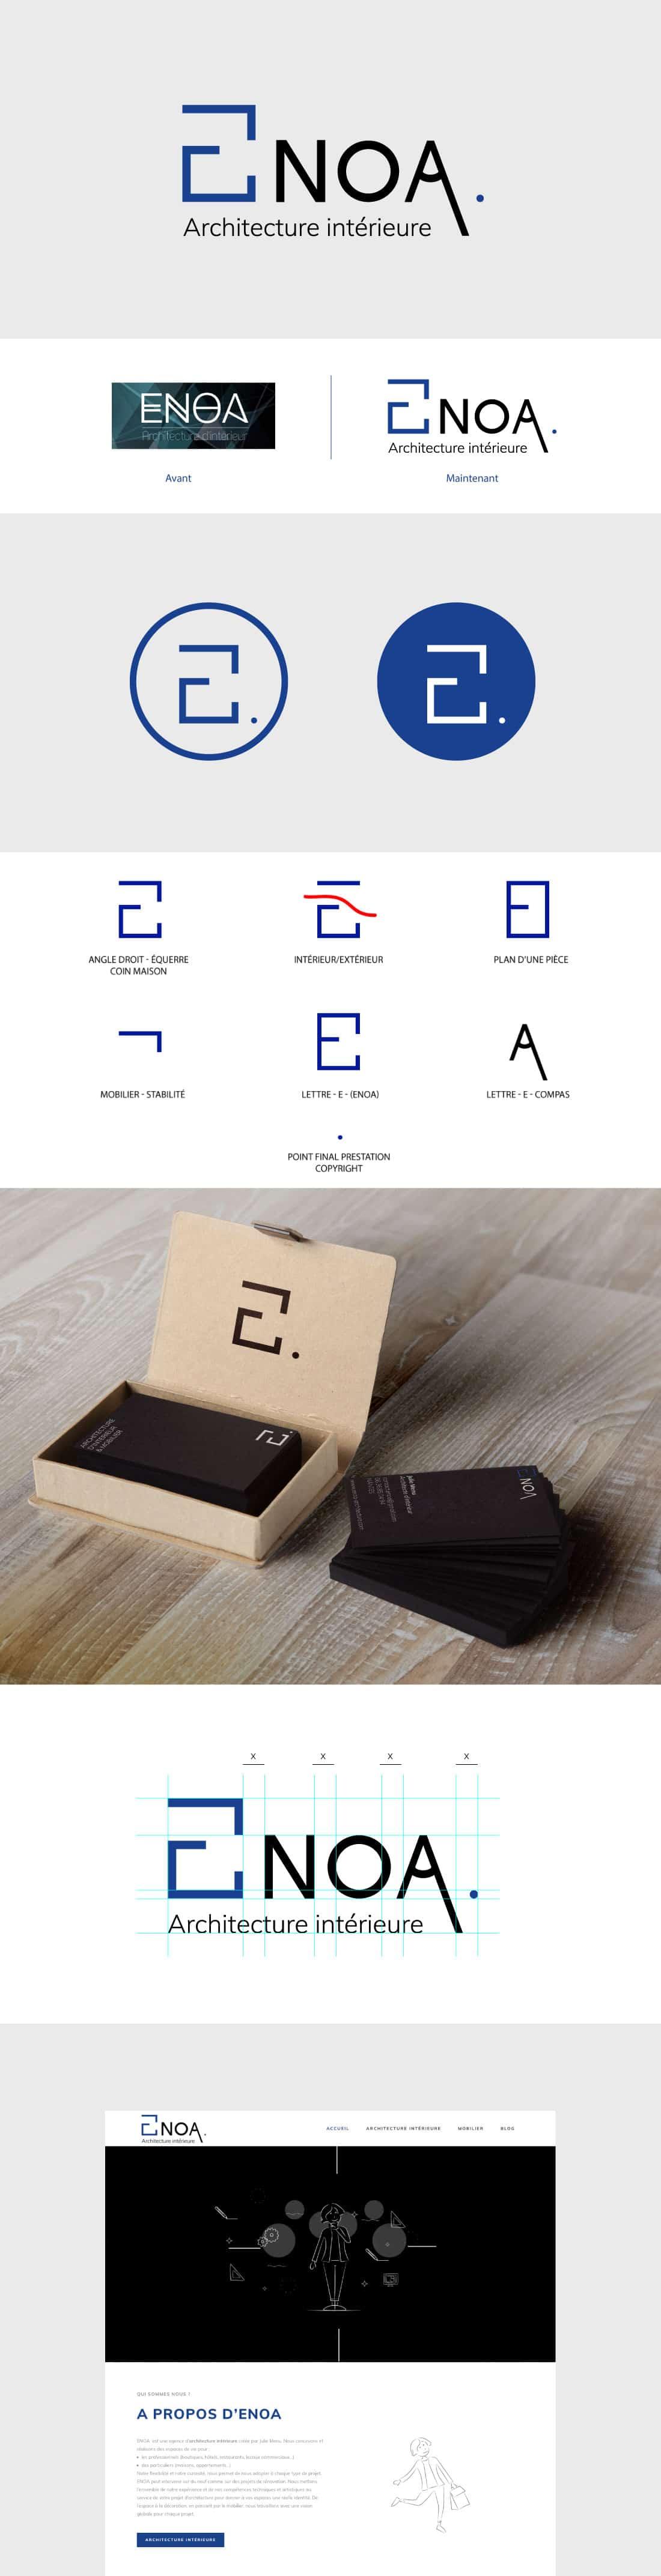 identité visuelle et communication de ENOA architecture intérieure par Eklos à Nantes